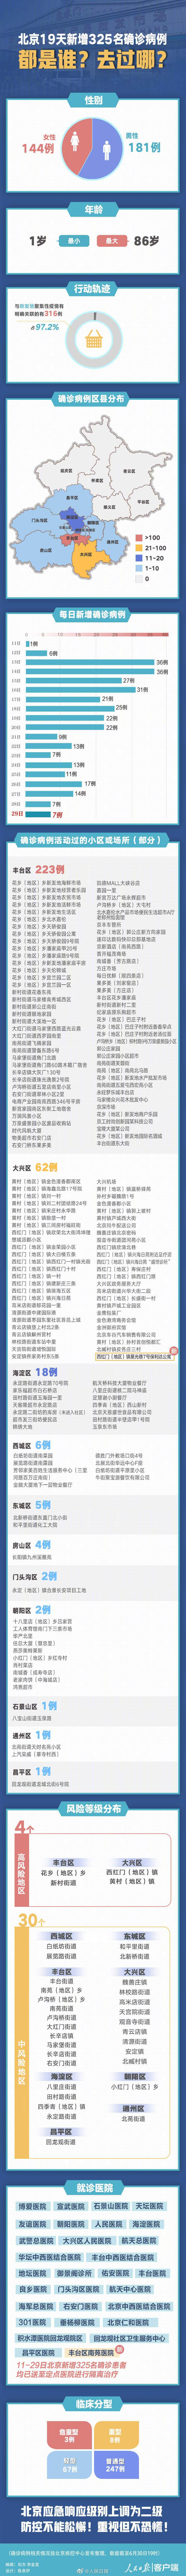 北京19天新增325例本土确诊病例都去过哪?一图了解图片